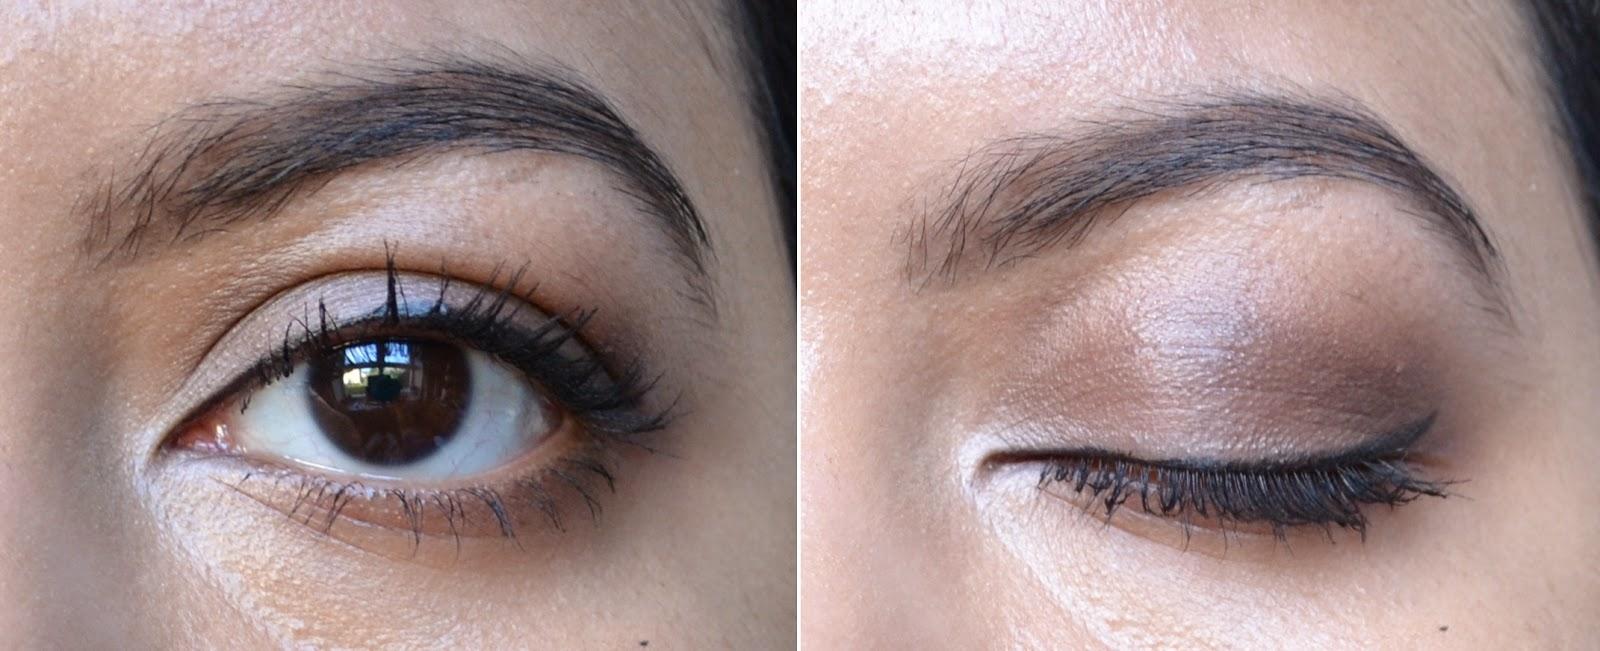 Clarins Eye Quartet Mineral Palette in Skin Tones Swatches - Aspiring Londoner